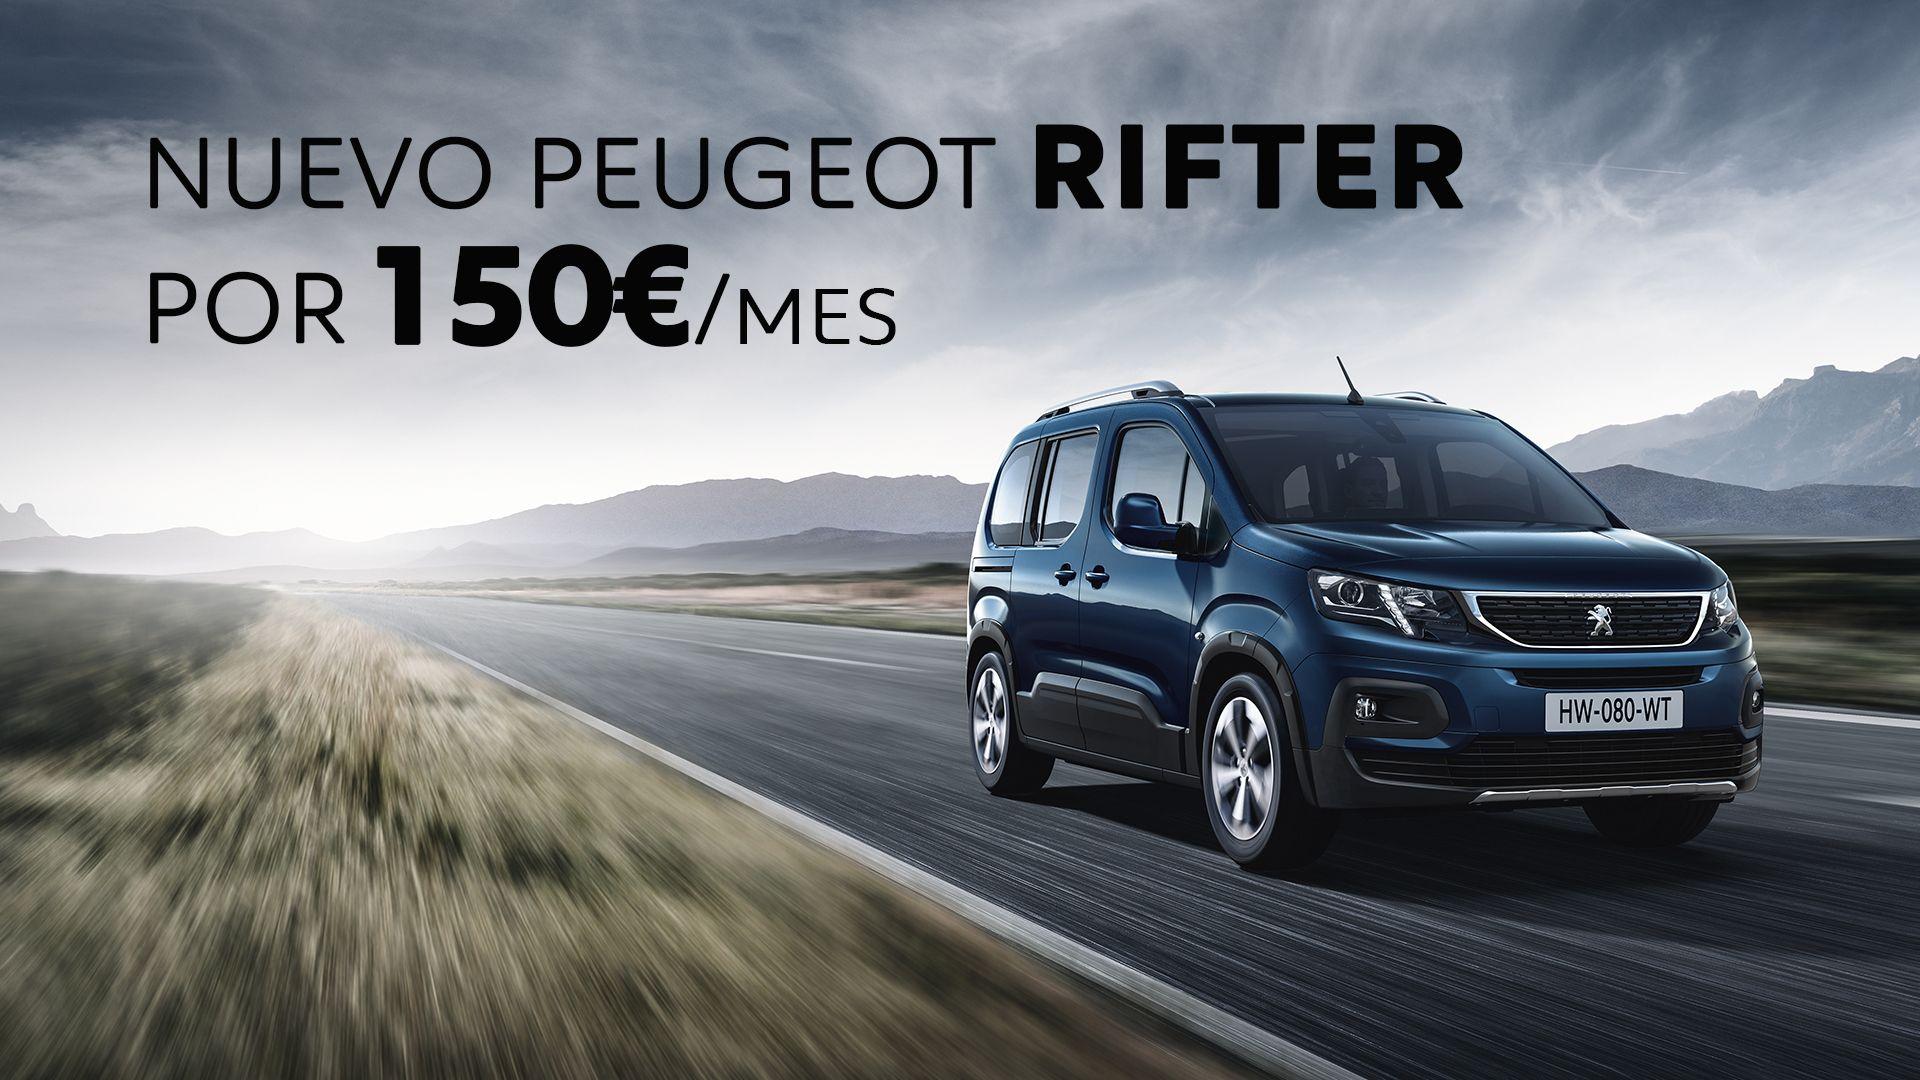 Atrévete a conducir el nuevo Peugeot Rifter por 150€/mes y TRES años de garantía